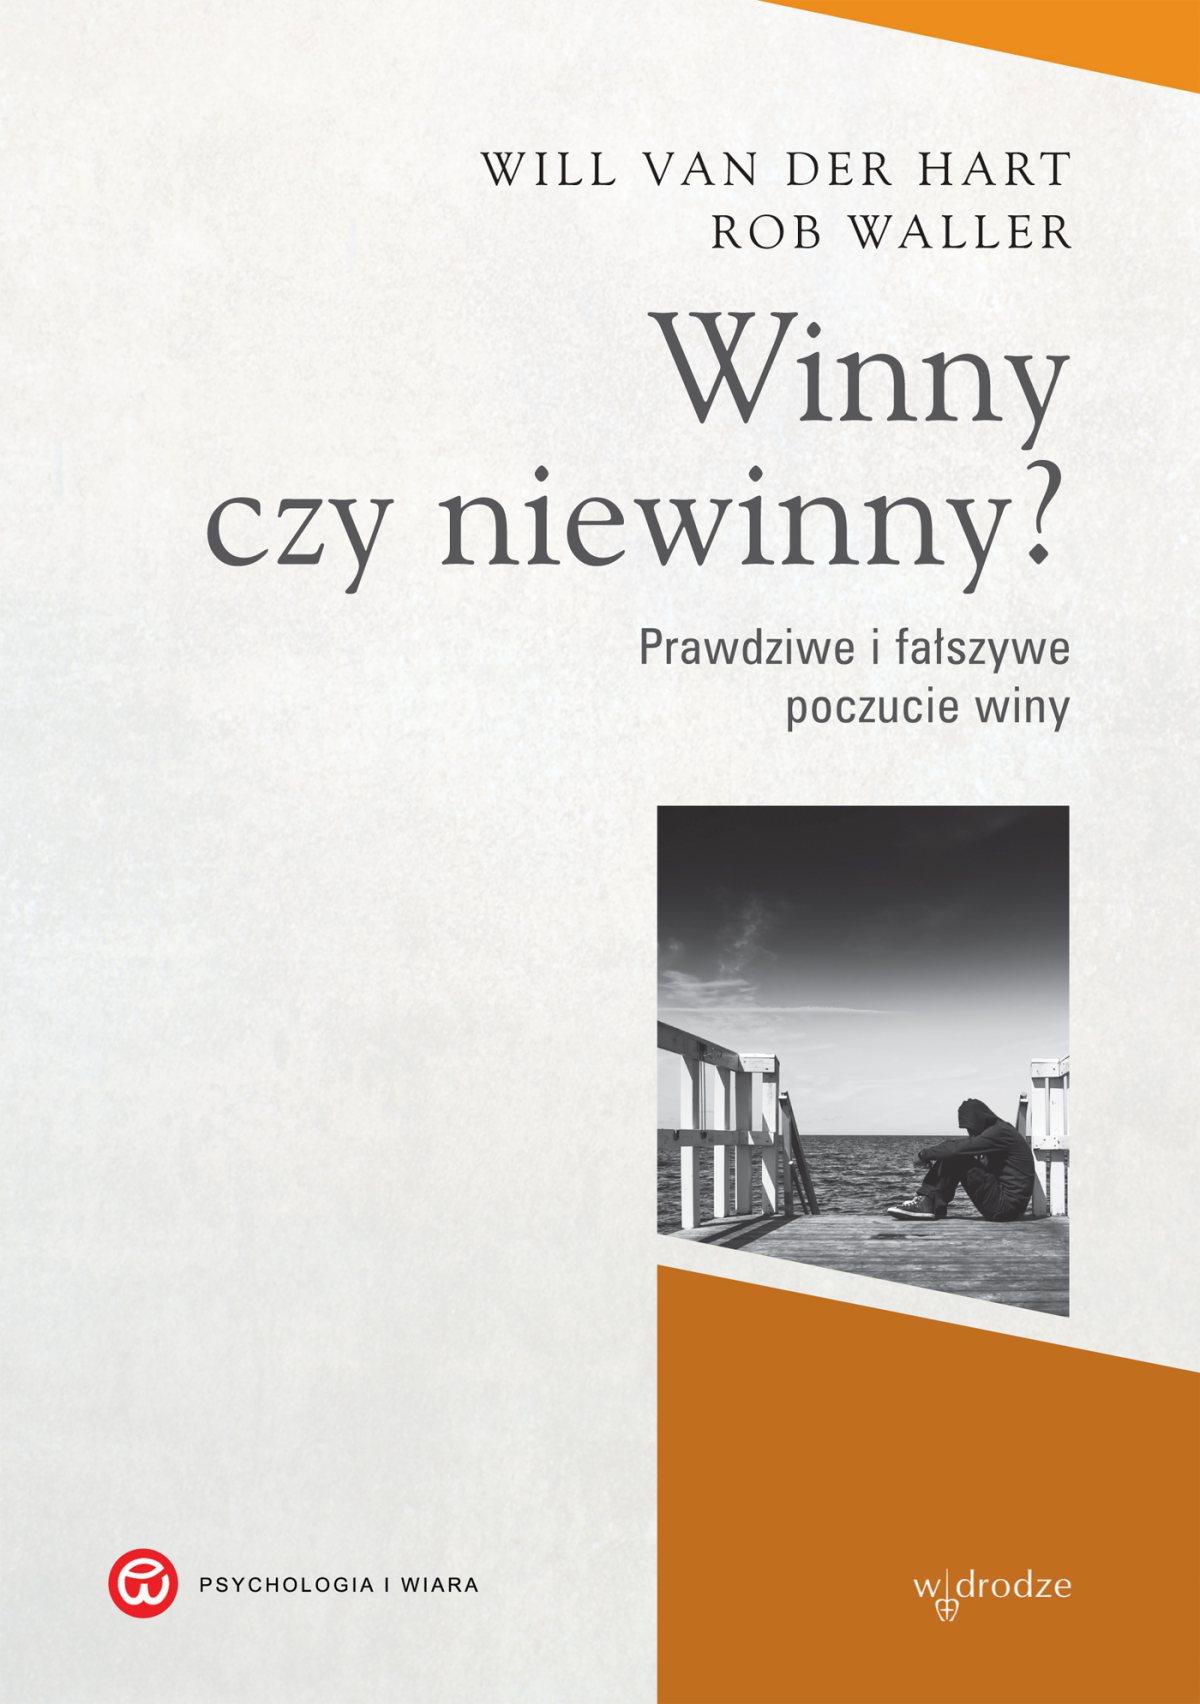 Winny czy niewinny? Prawdziwe i fałszywe poczucie winy - Ebook (Książka PDF) do pobrania w formacie PDF